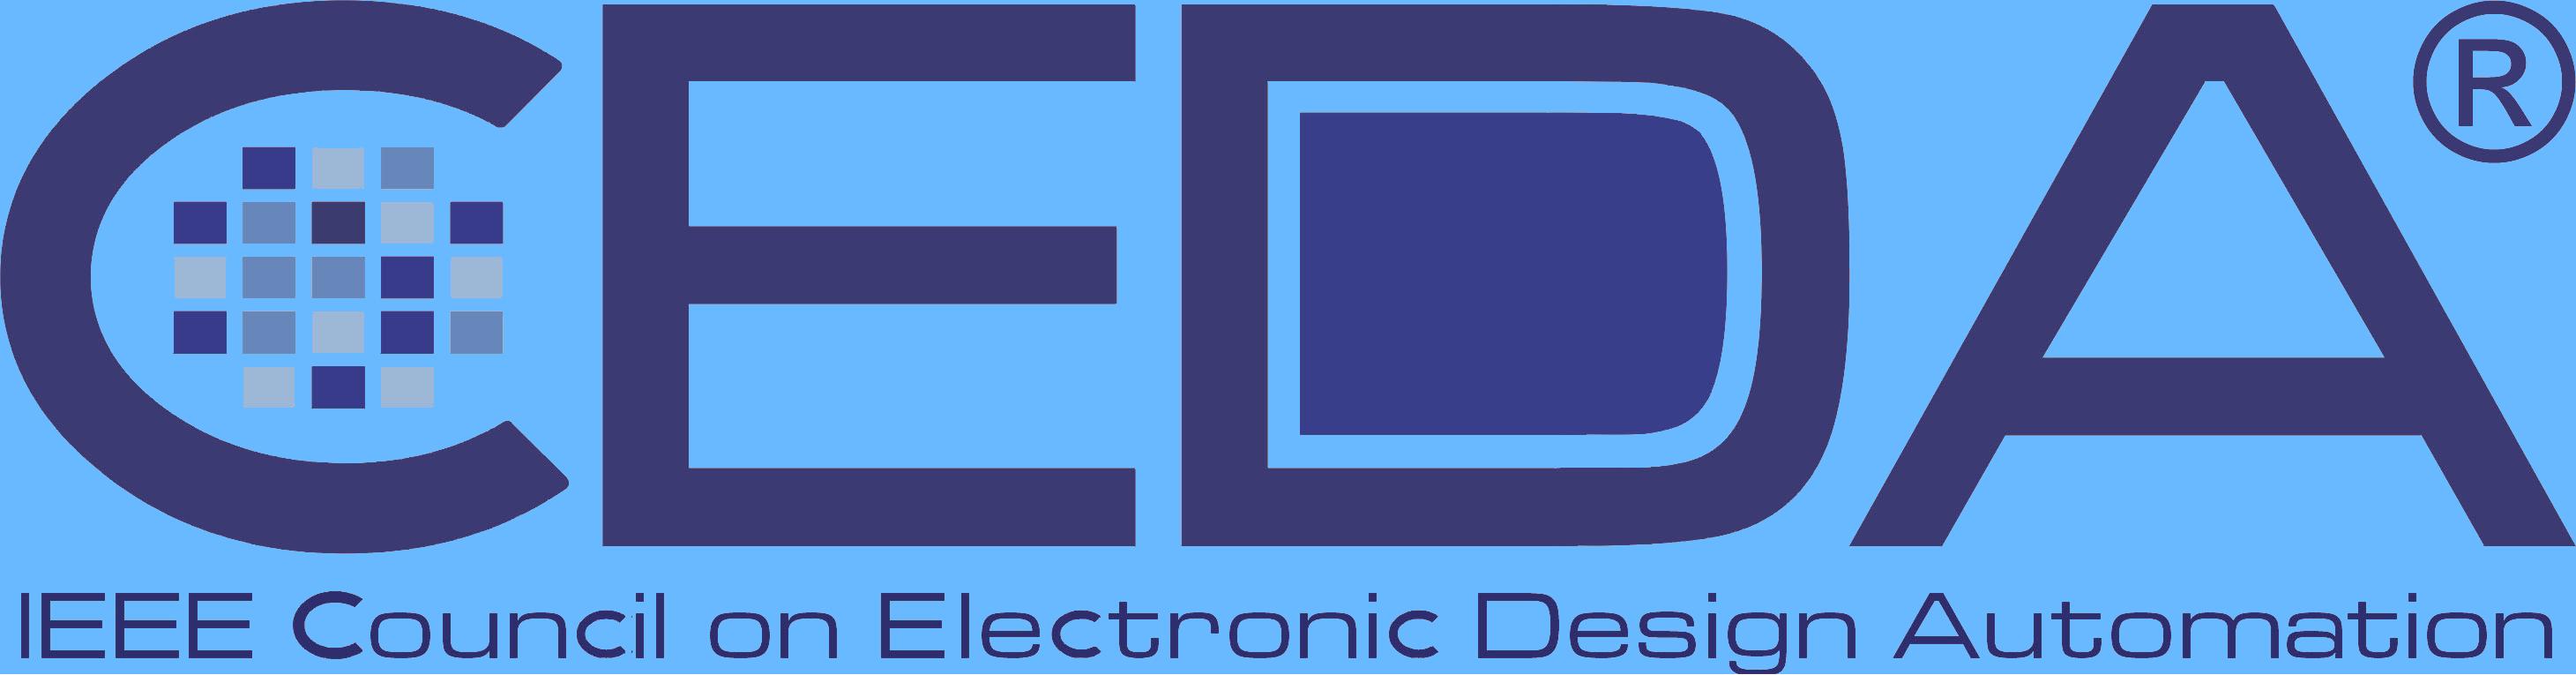 CEDA_Logo_large_R transp_0